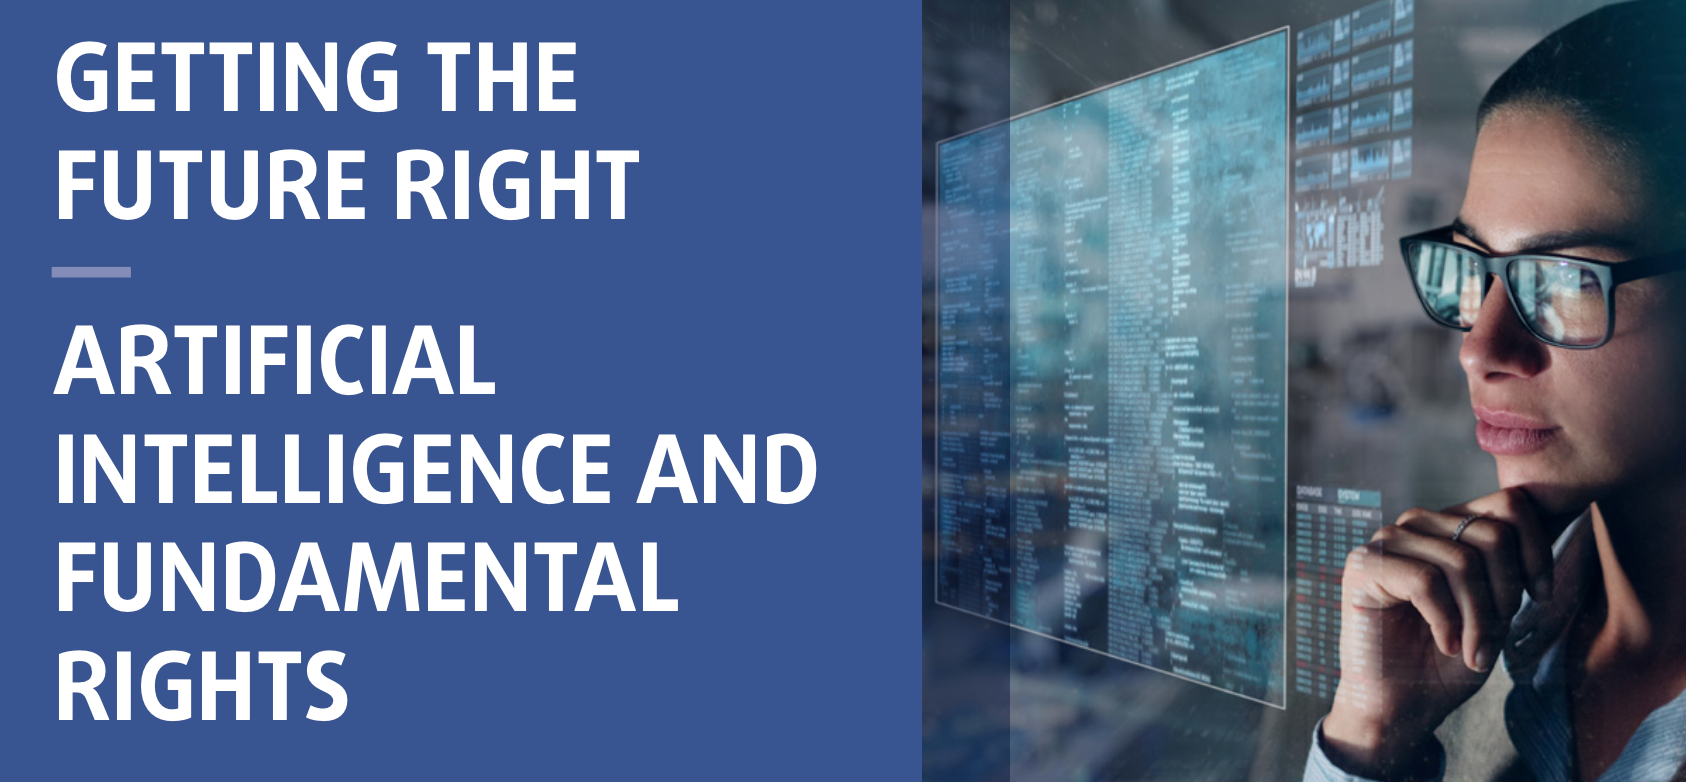 Prawa człowieka a sztuczna inteligencja, czyli Unia Europejska stawia na prawa podstawowe